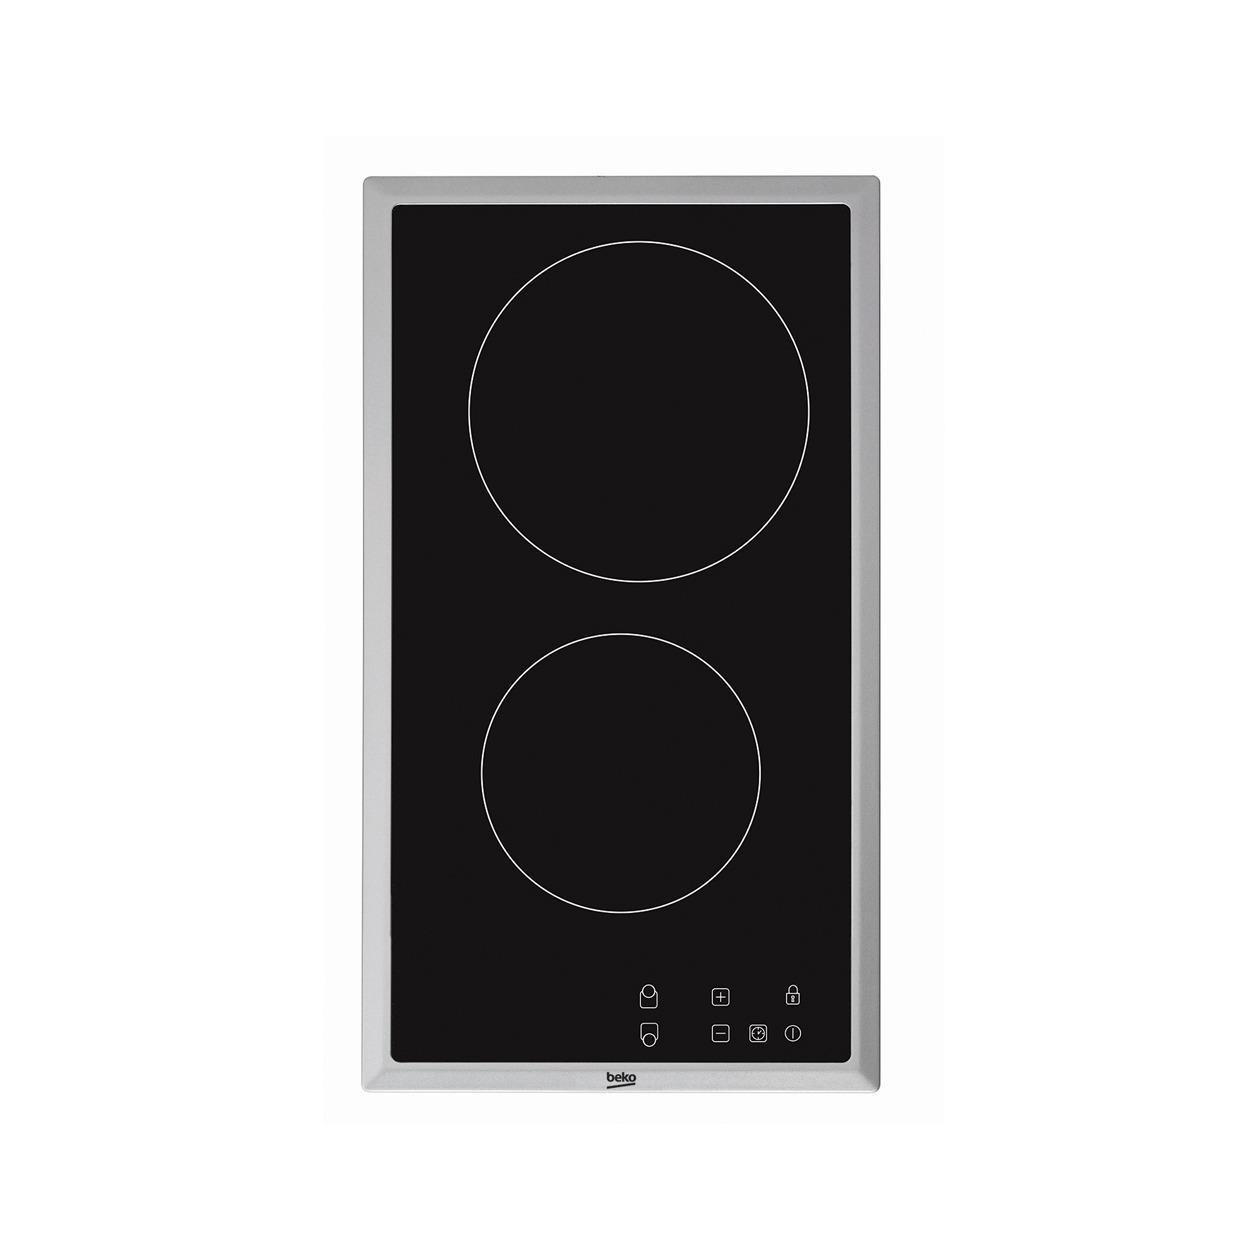 Beko HDMC32400TX keramische inbouwkookplaat